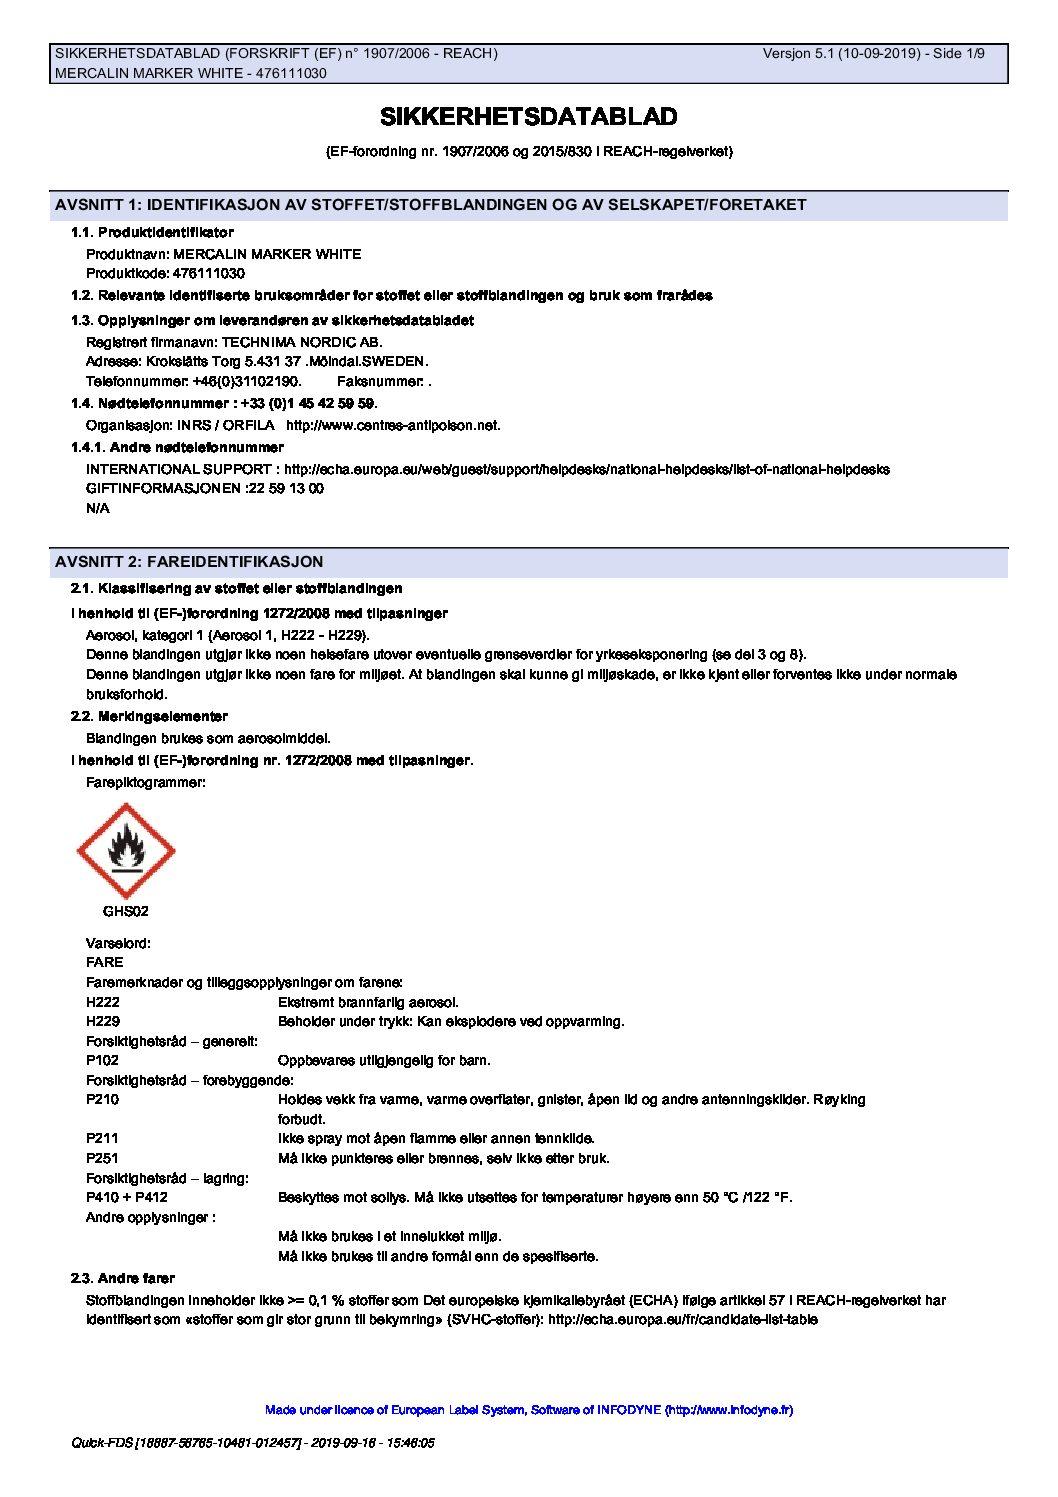 Sikkerhetsdatablad Mercalin Marker hvit